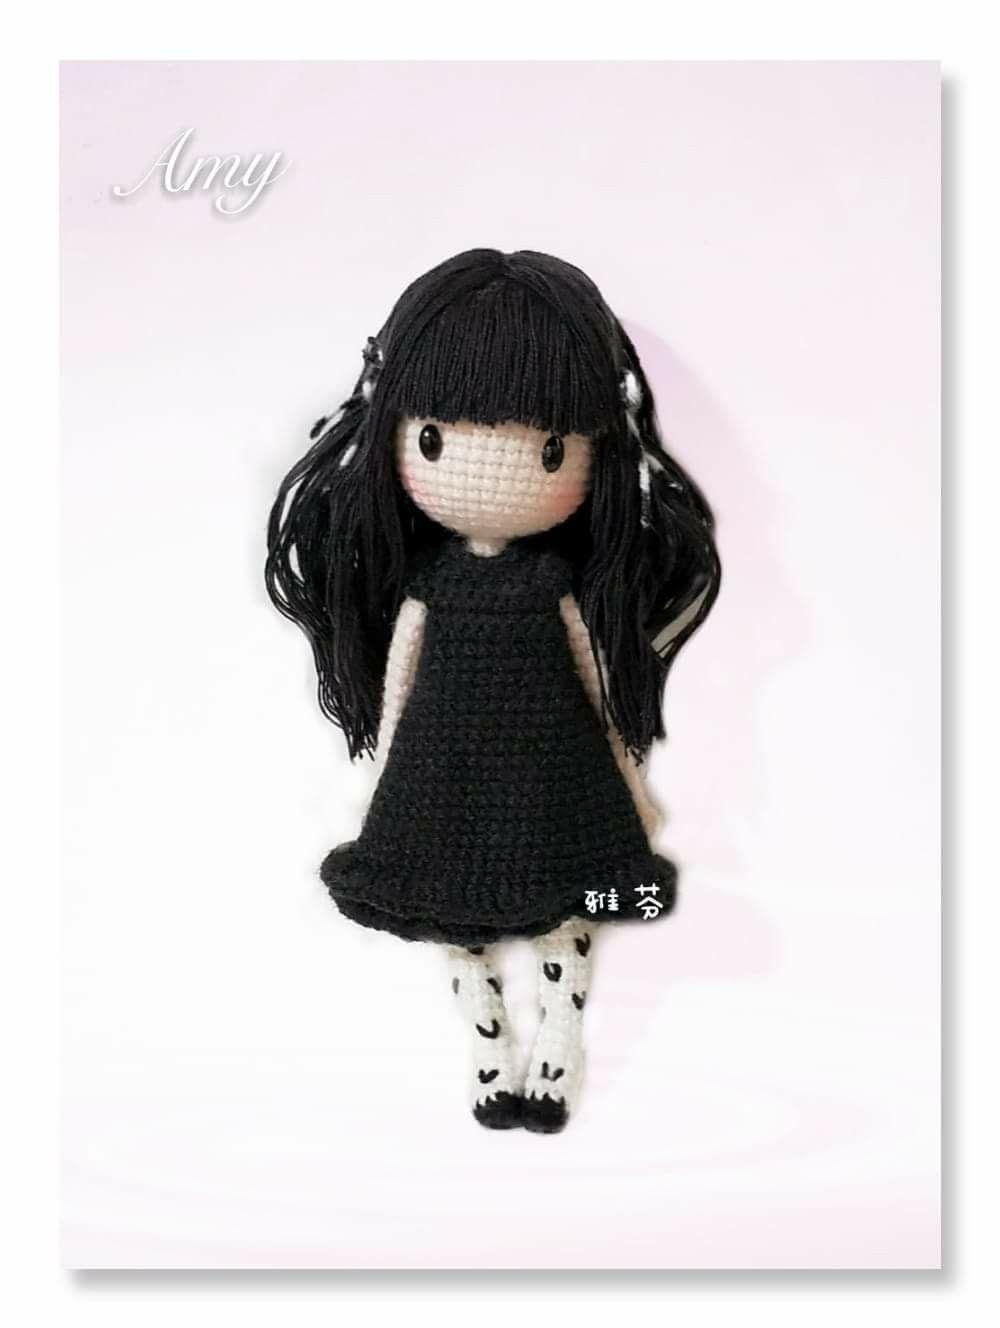 Pin de MT en Croché | Pinterest | Muñecos amigurumi, Muñecas y Ganchillo